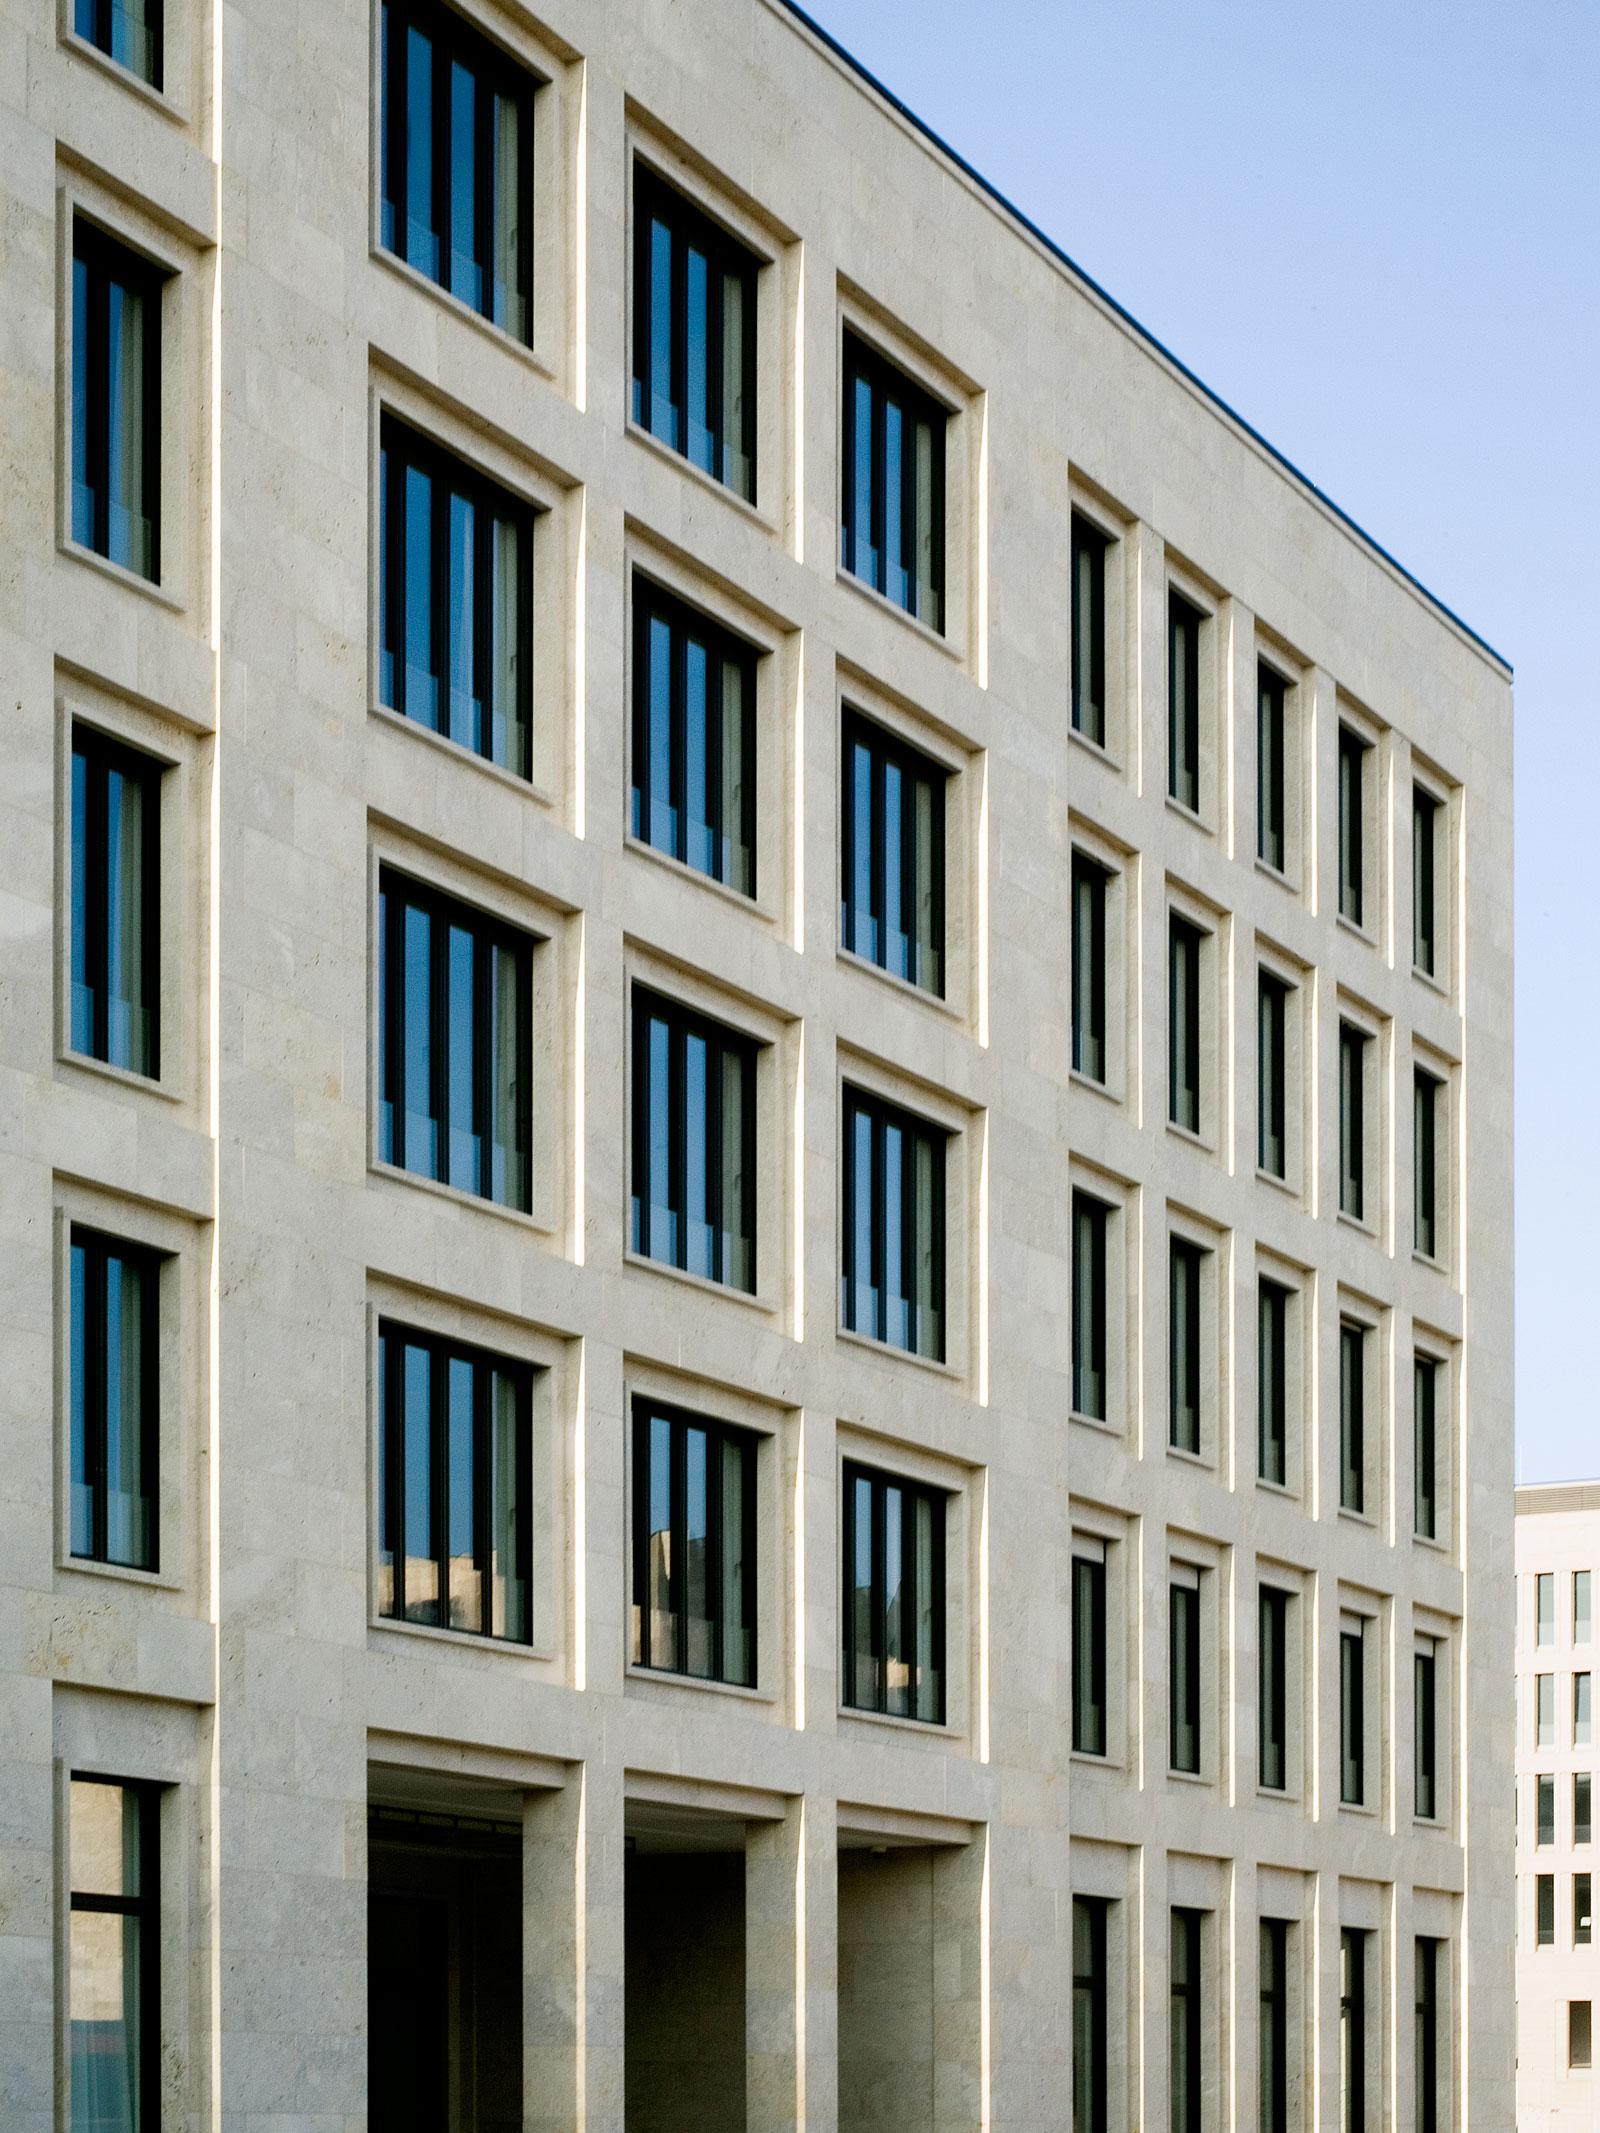 house of finance frankfurt am main references detail. Black Bedroom Furniture Sets. Home Design Ideas